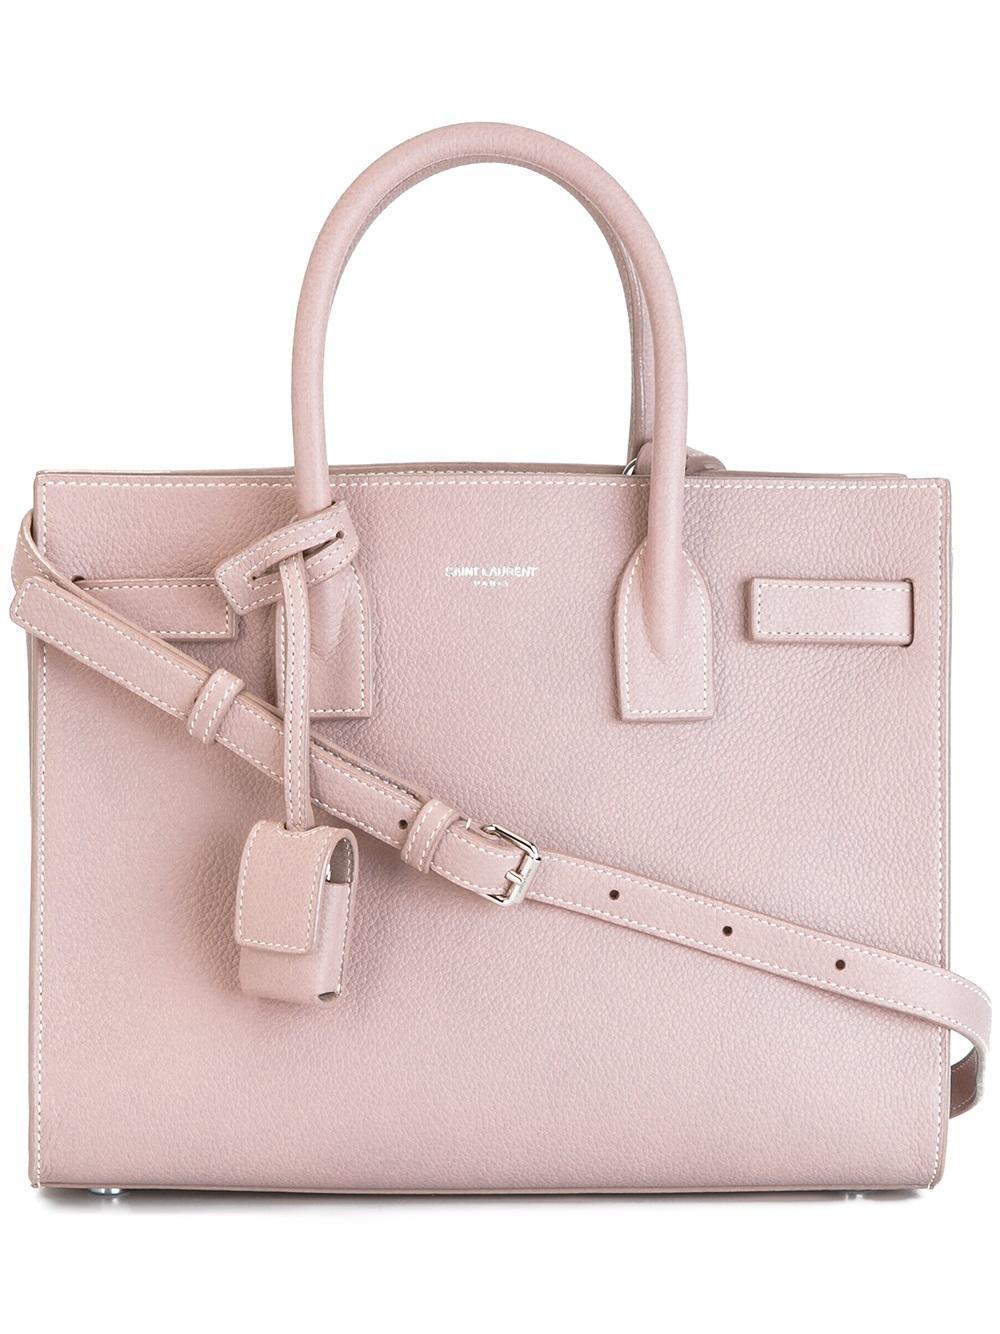 Saint Laurent Shopper | Ysl Wallets | Yves Saint Laurent Handbags